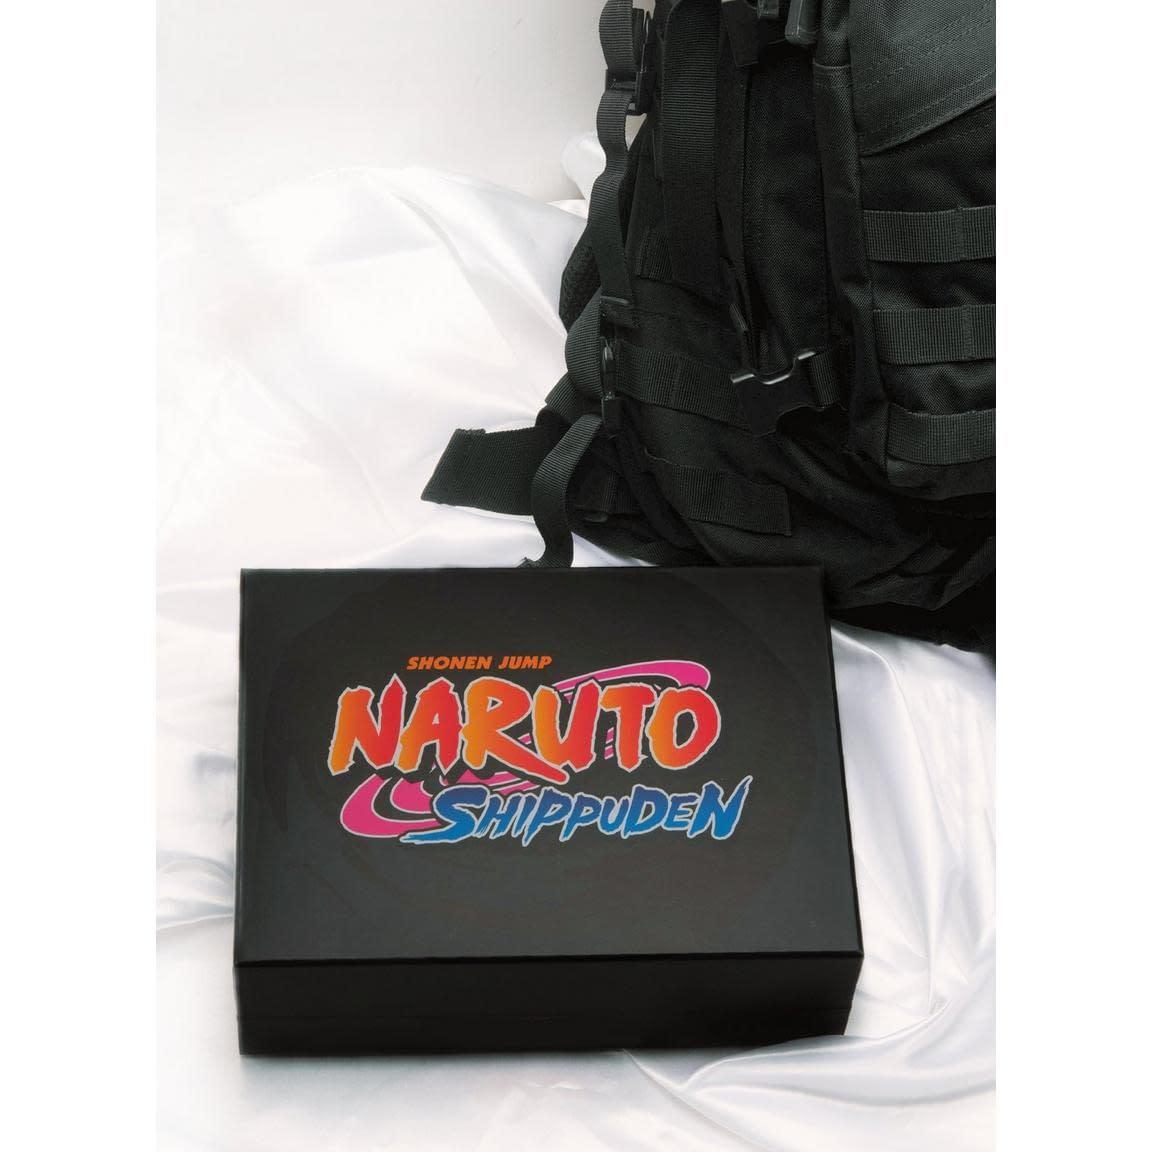 Naruto: Shippuden Ninja Village Headband Collectible Debuts